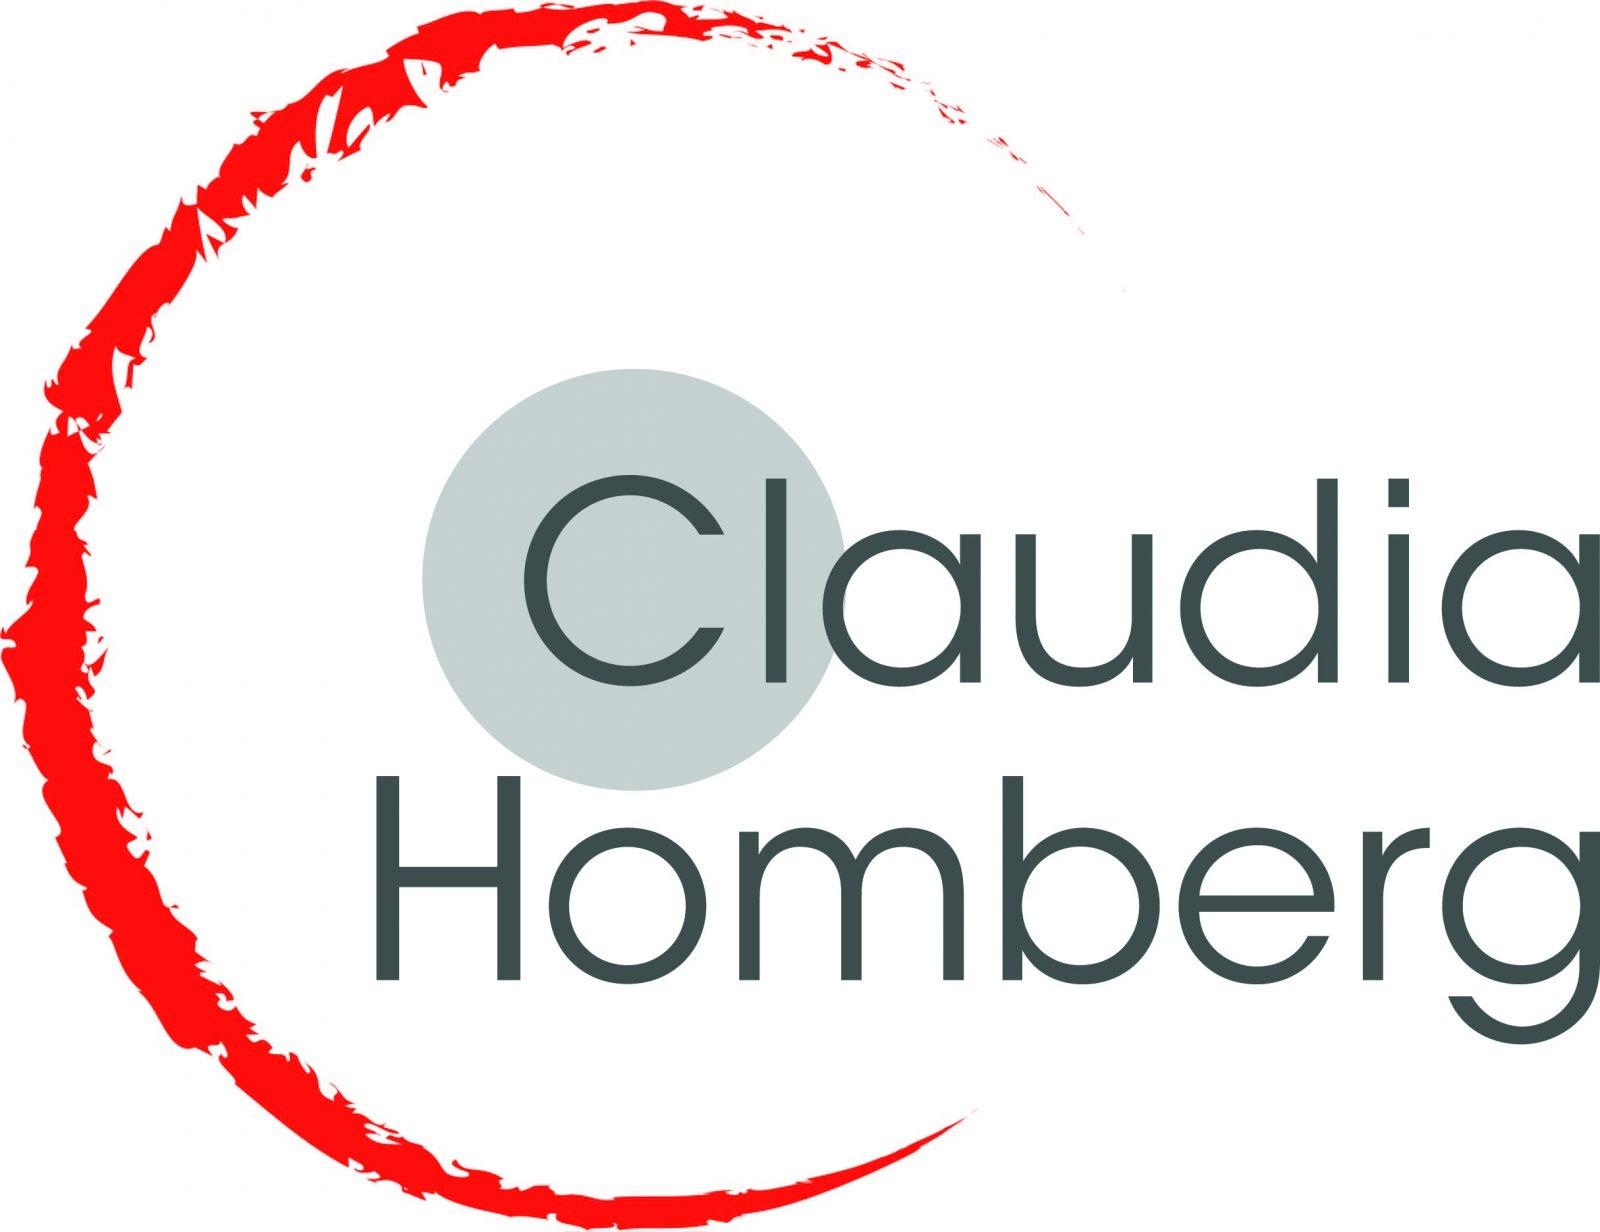 Claudia Homberg